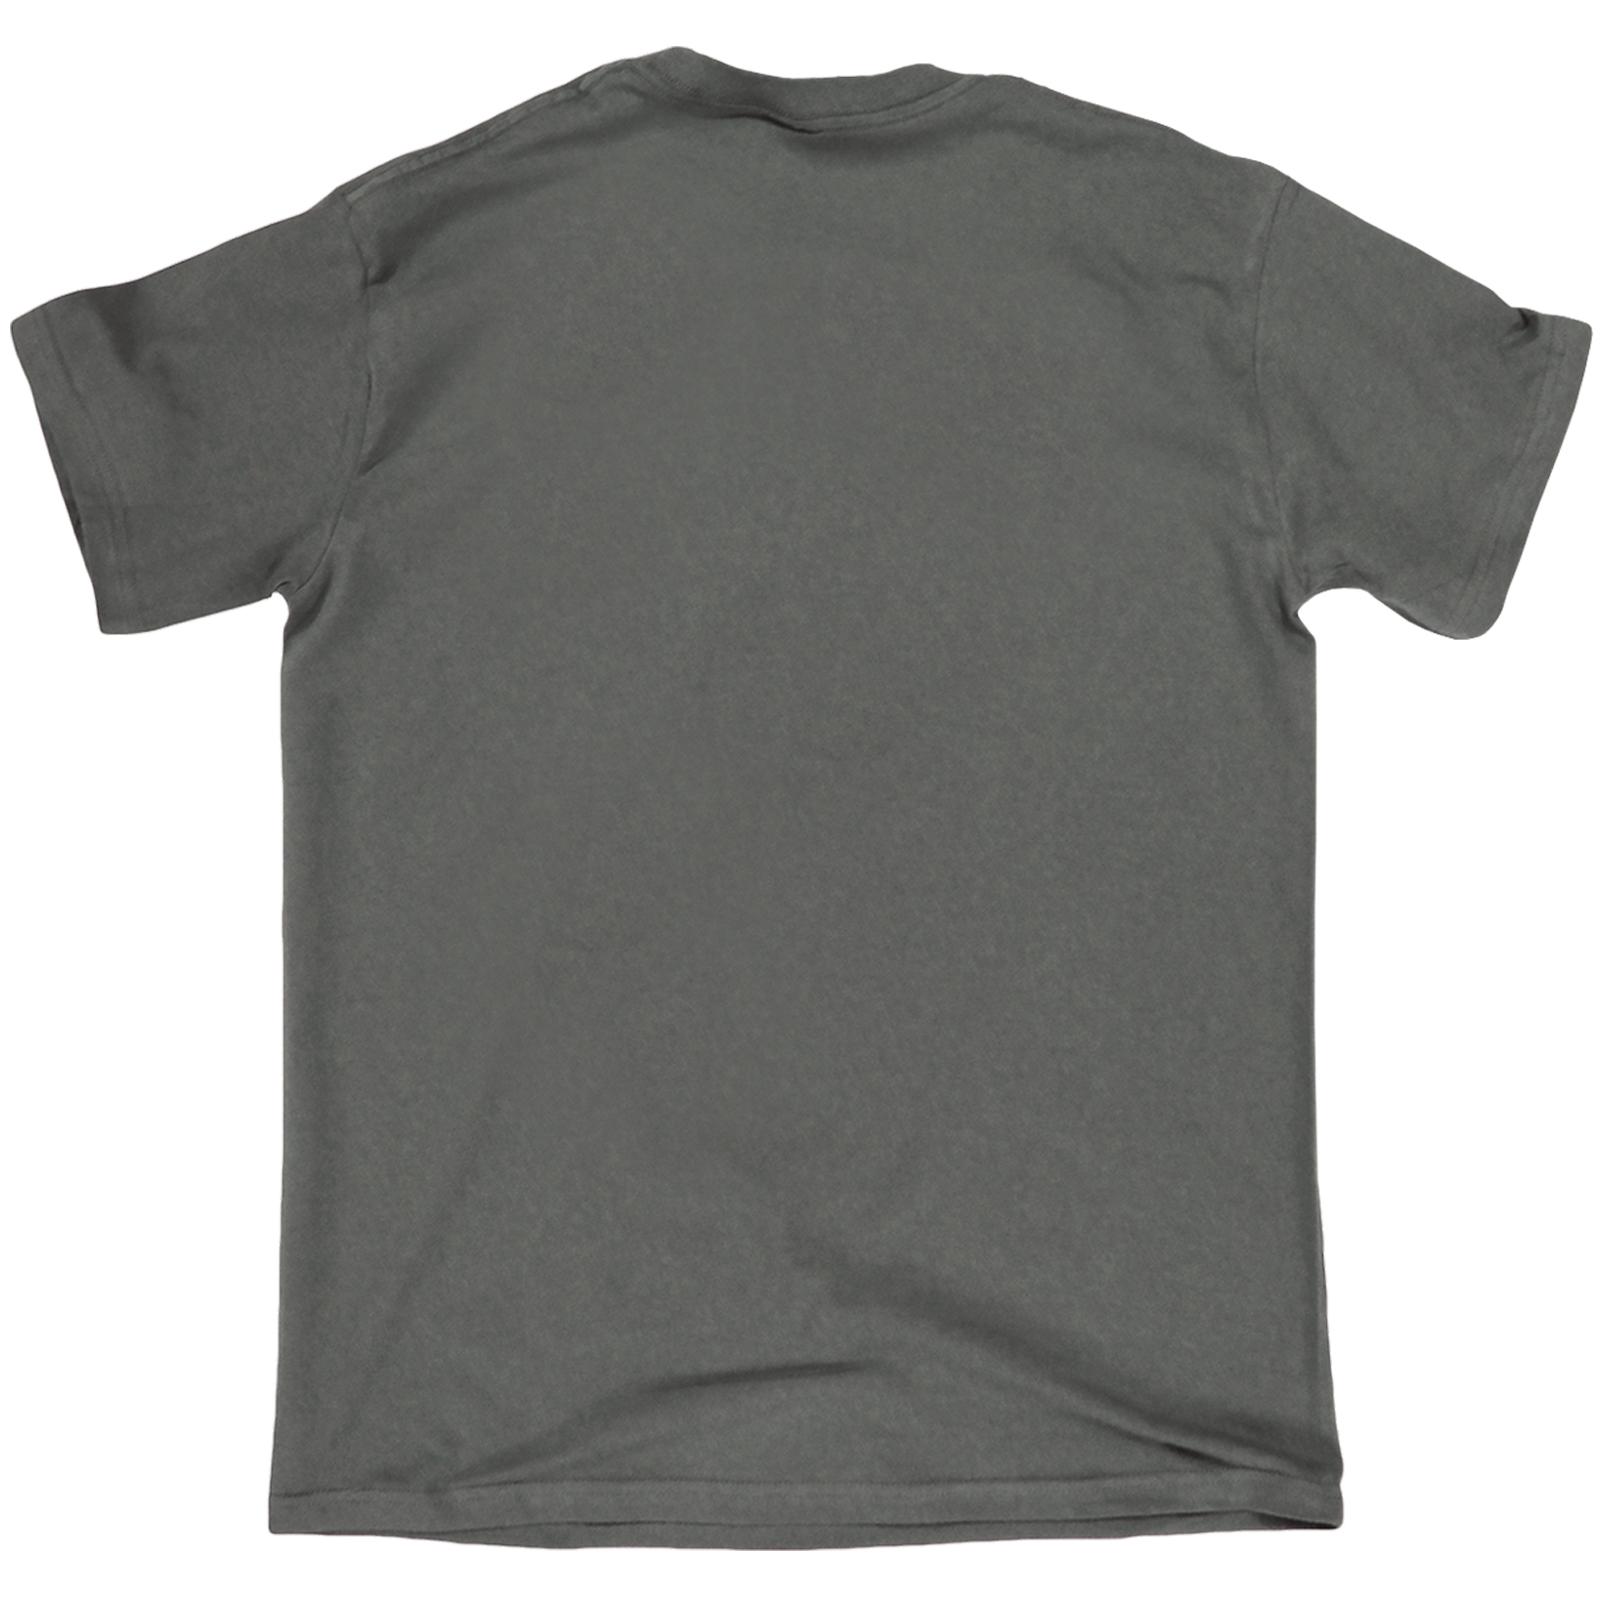 Funny-Novelty-T-Shirt-Mens-tee-TShirt-I-Dont-Give-A thumbnail 5